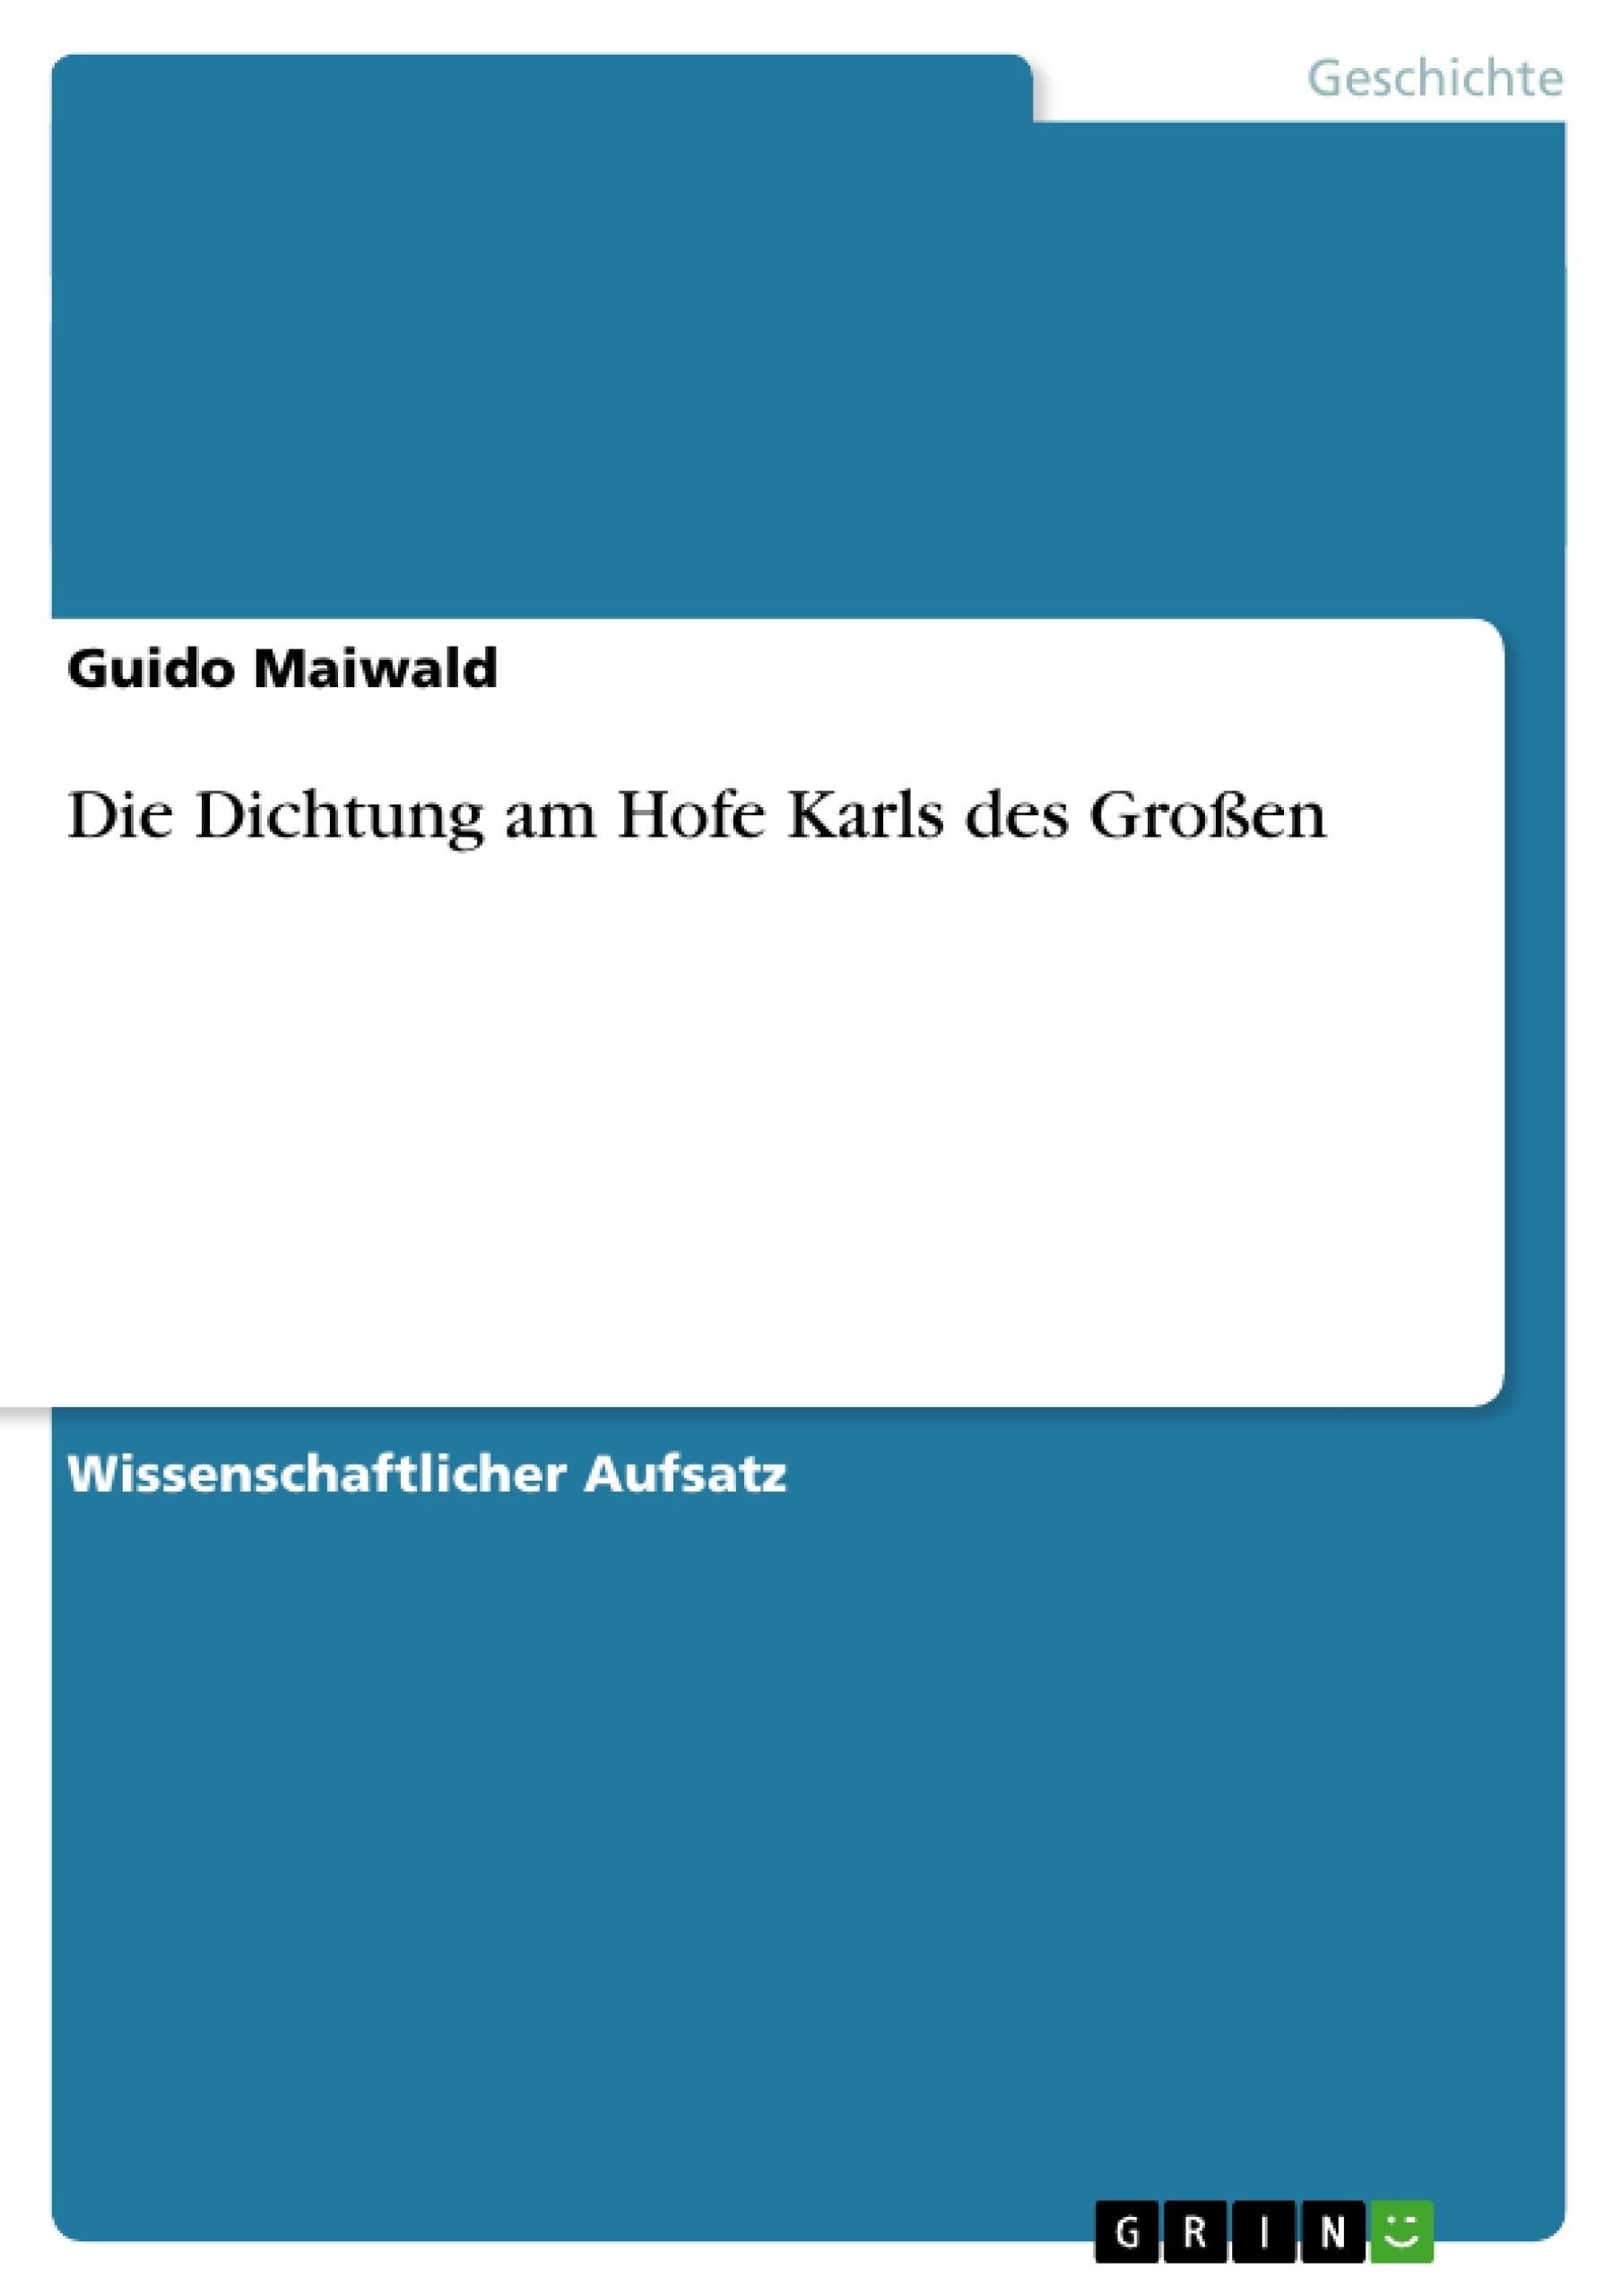 Titel: Die Dichtung am Hofe Karls des Großen